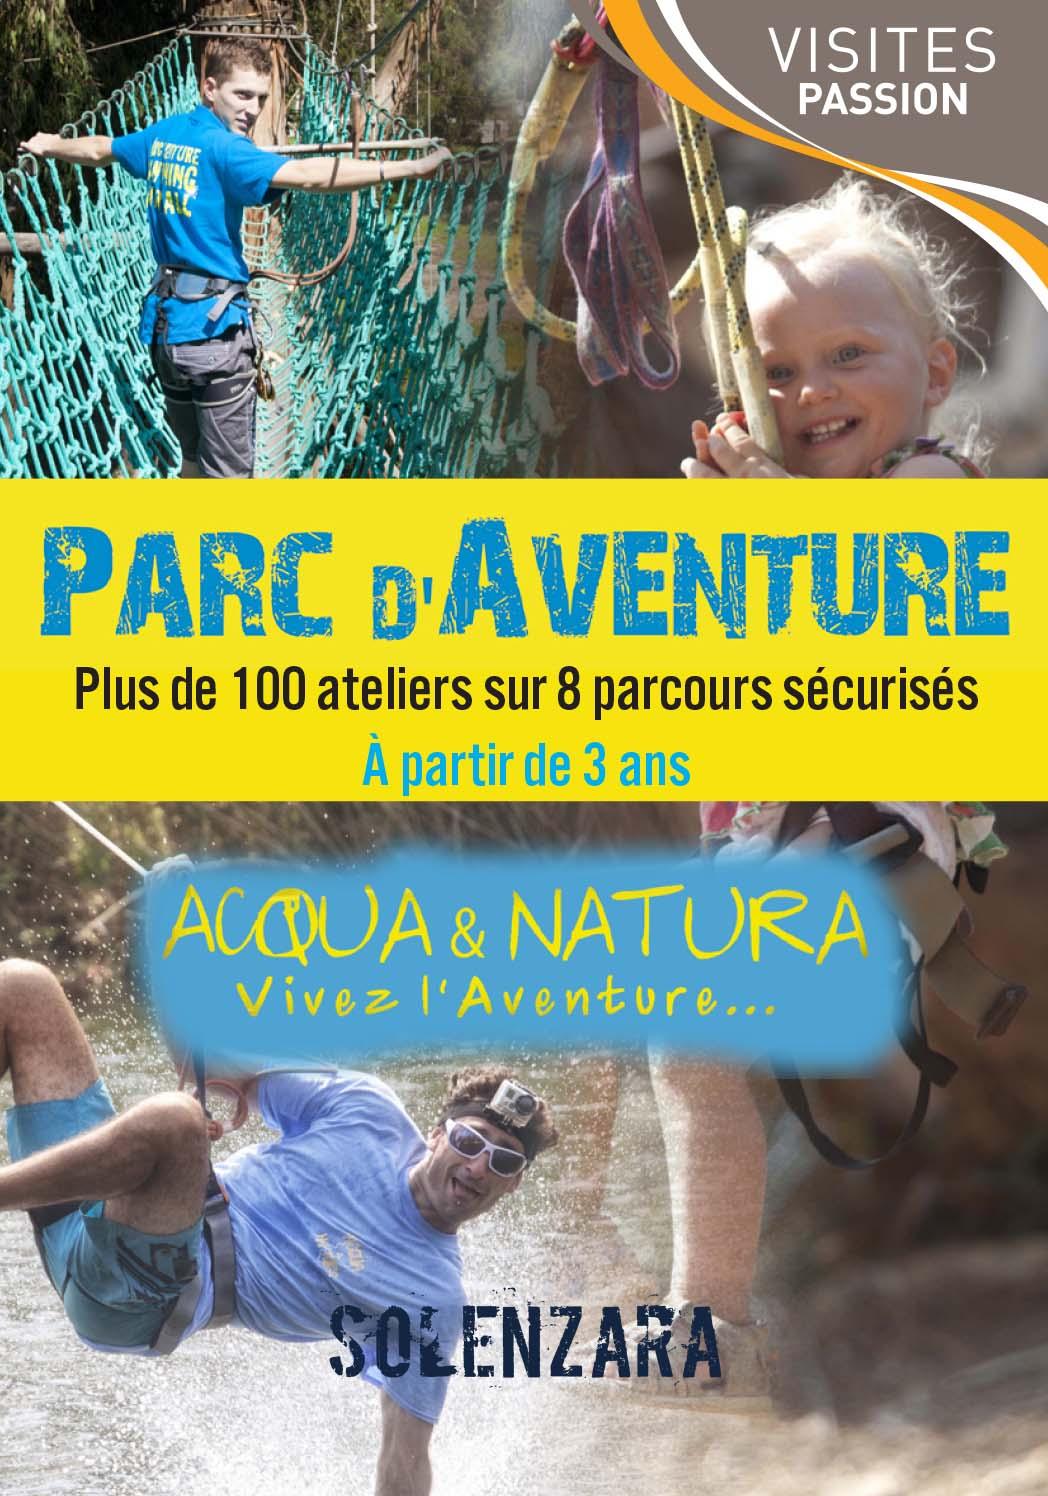 Acqua e Natura Parc Aventure